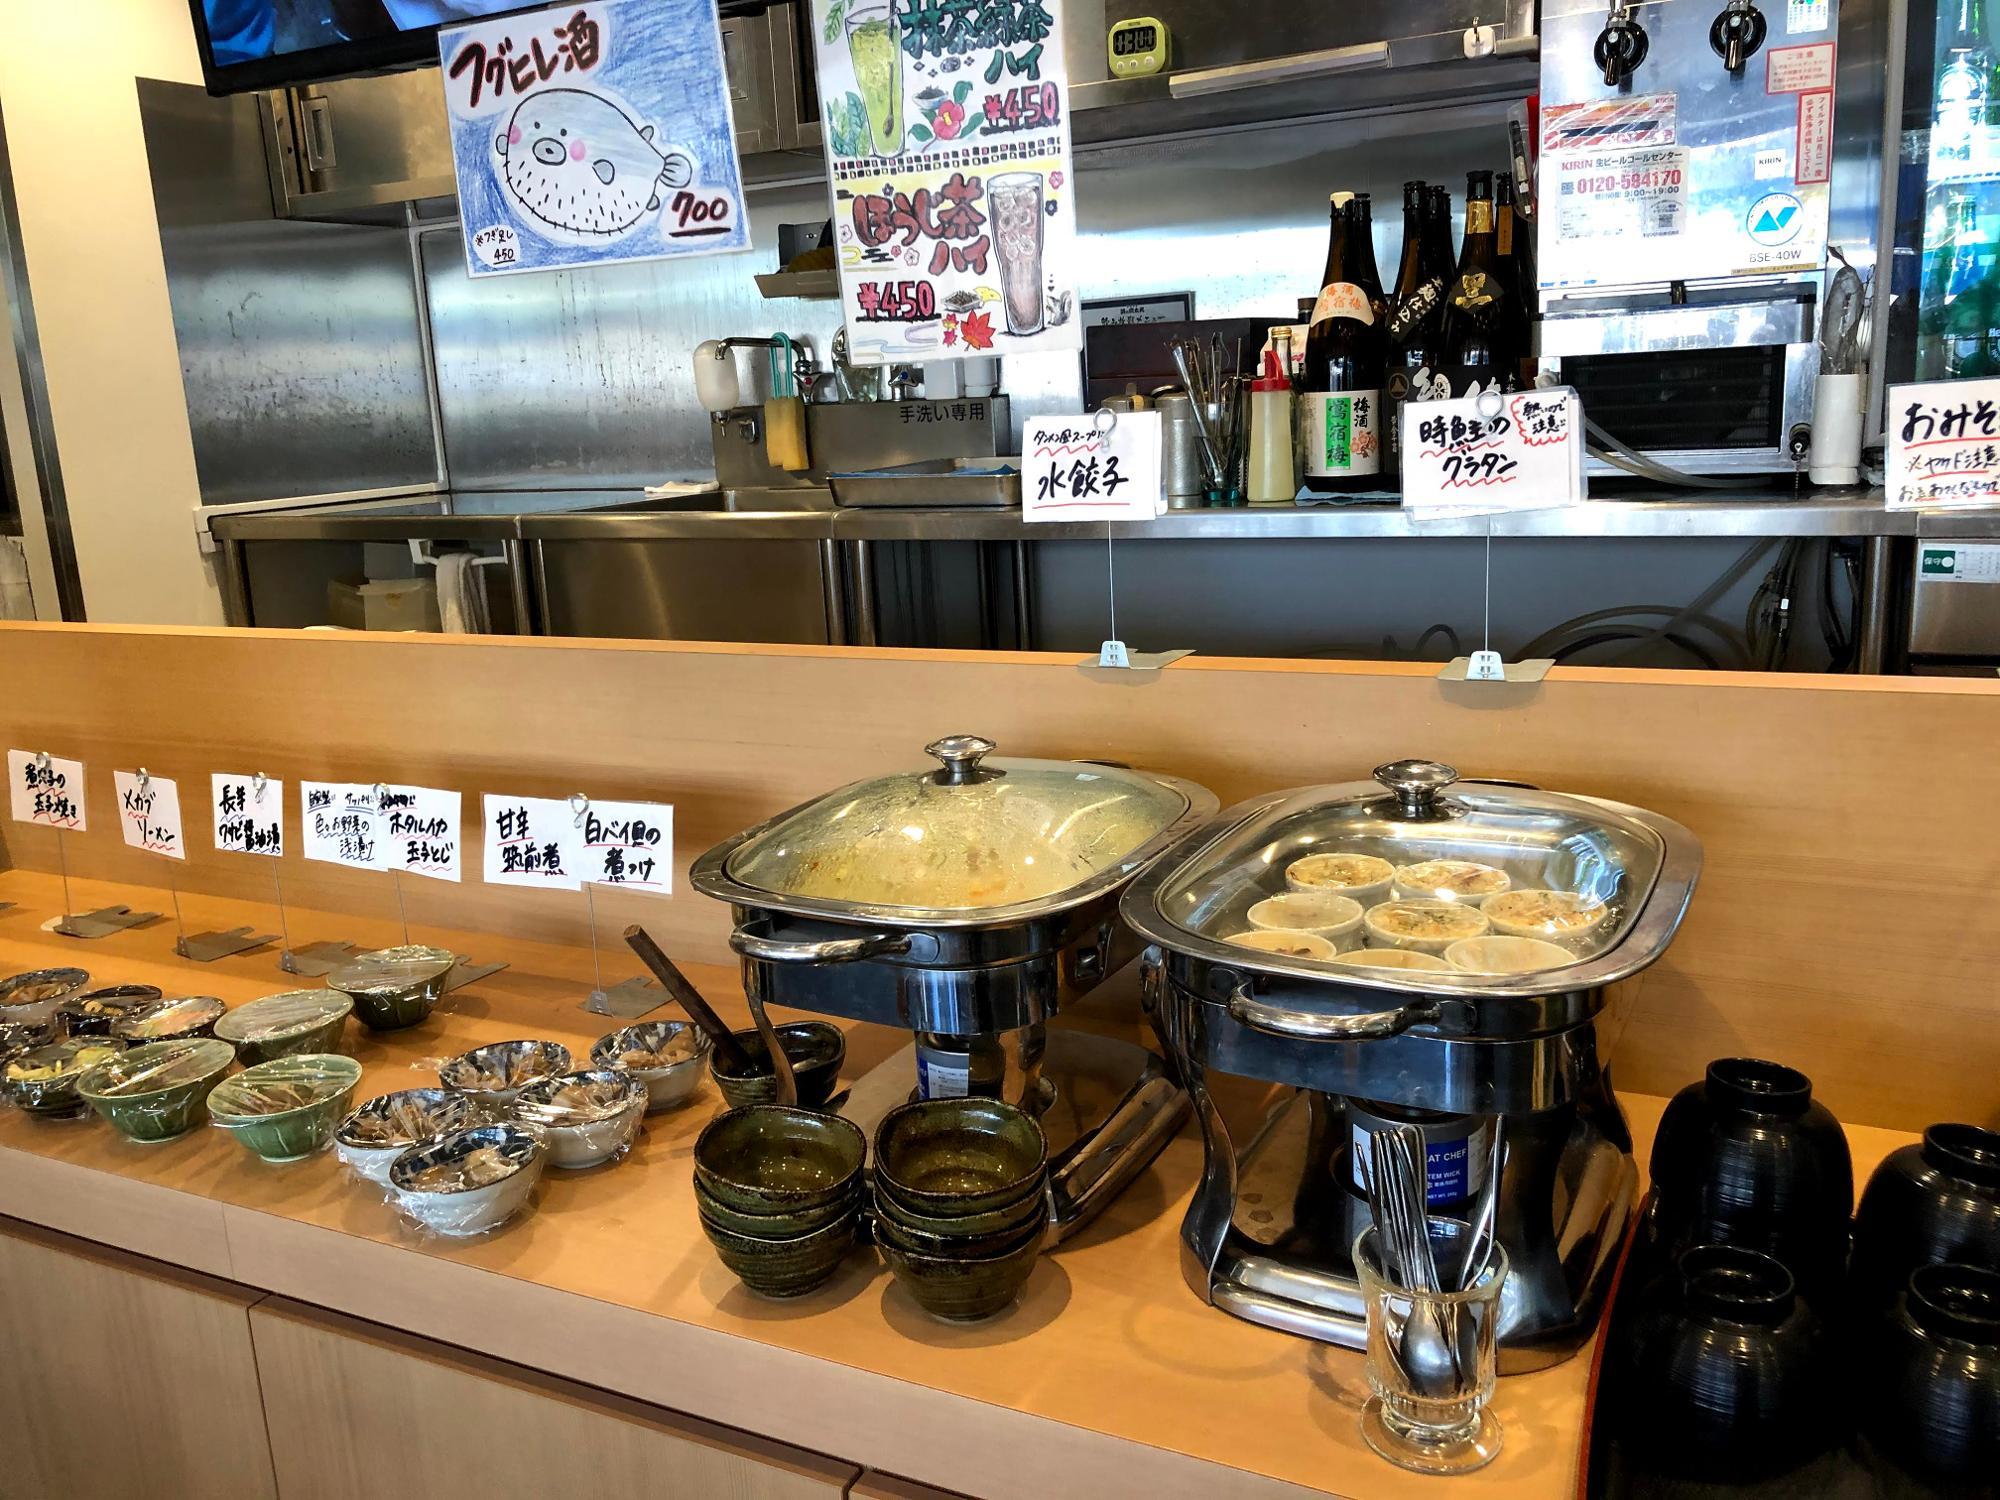 ホテルの朝の朝食を彷彿とさせるお惣菜のハーフビュッフェ